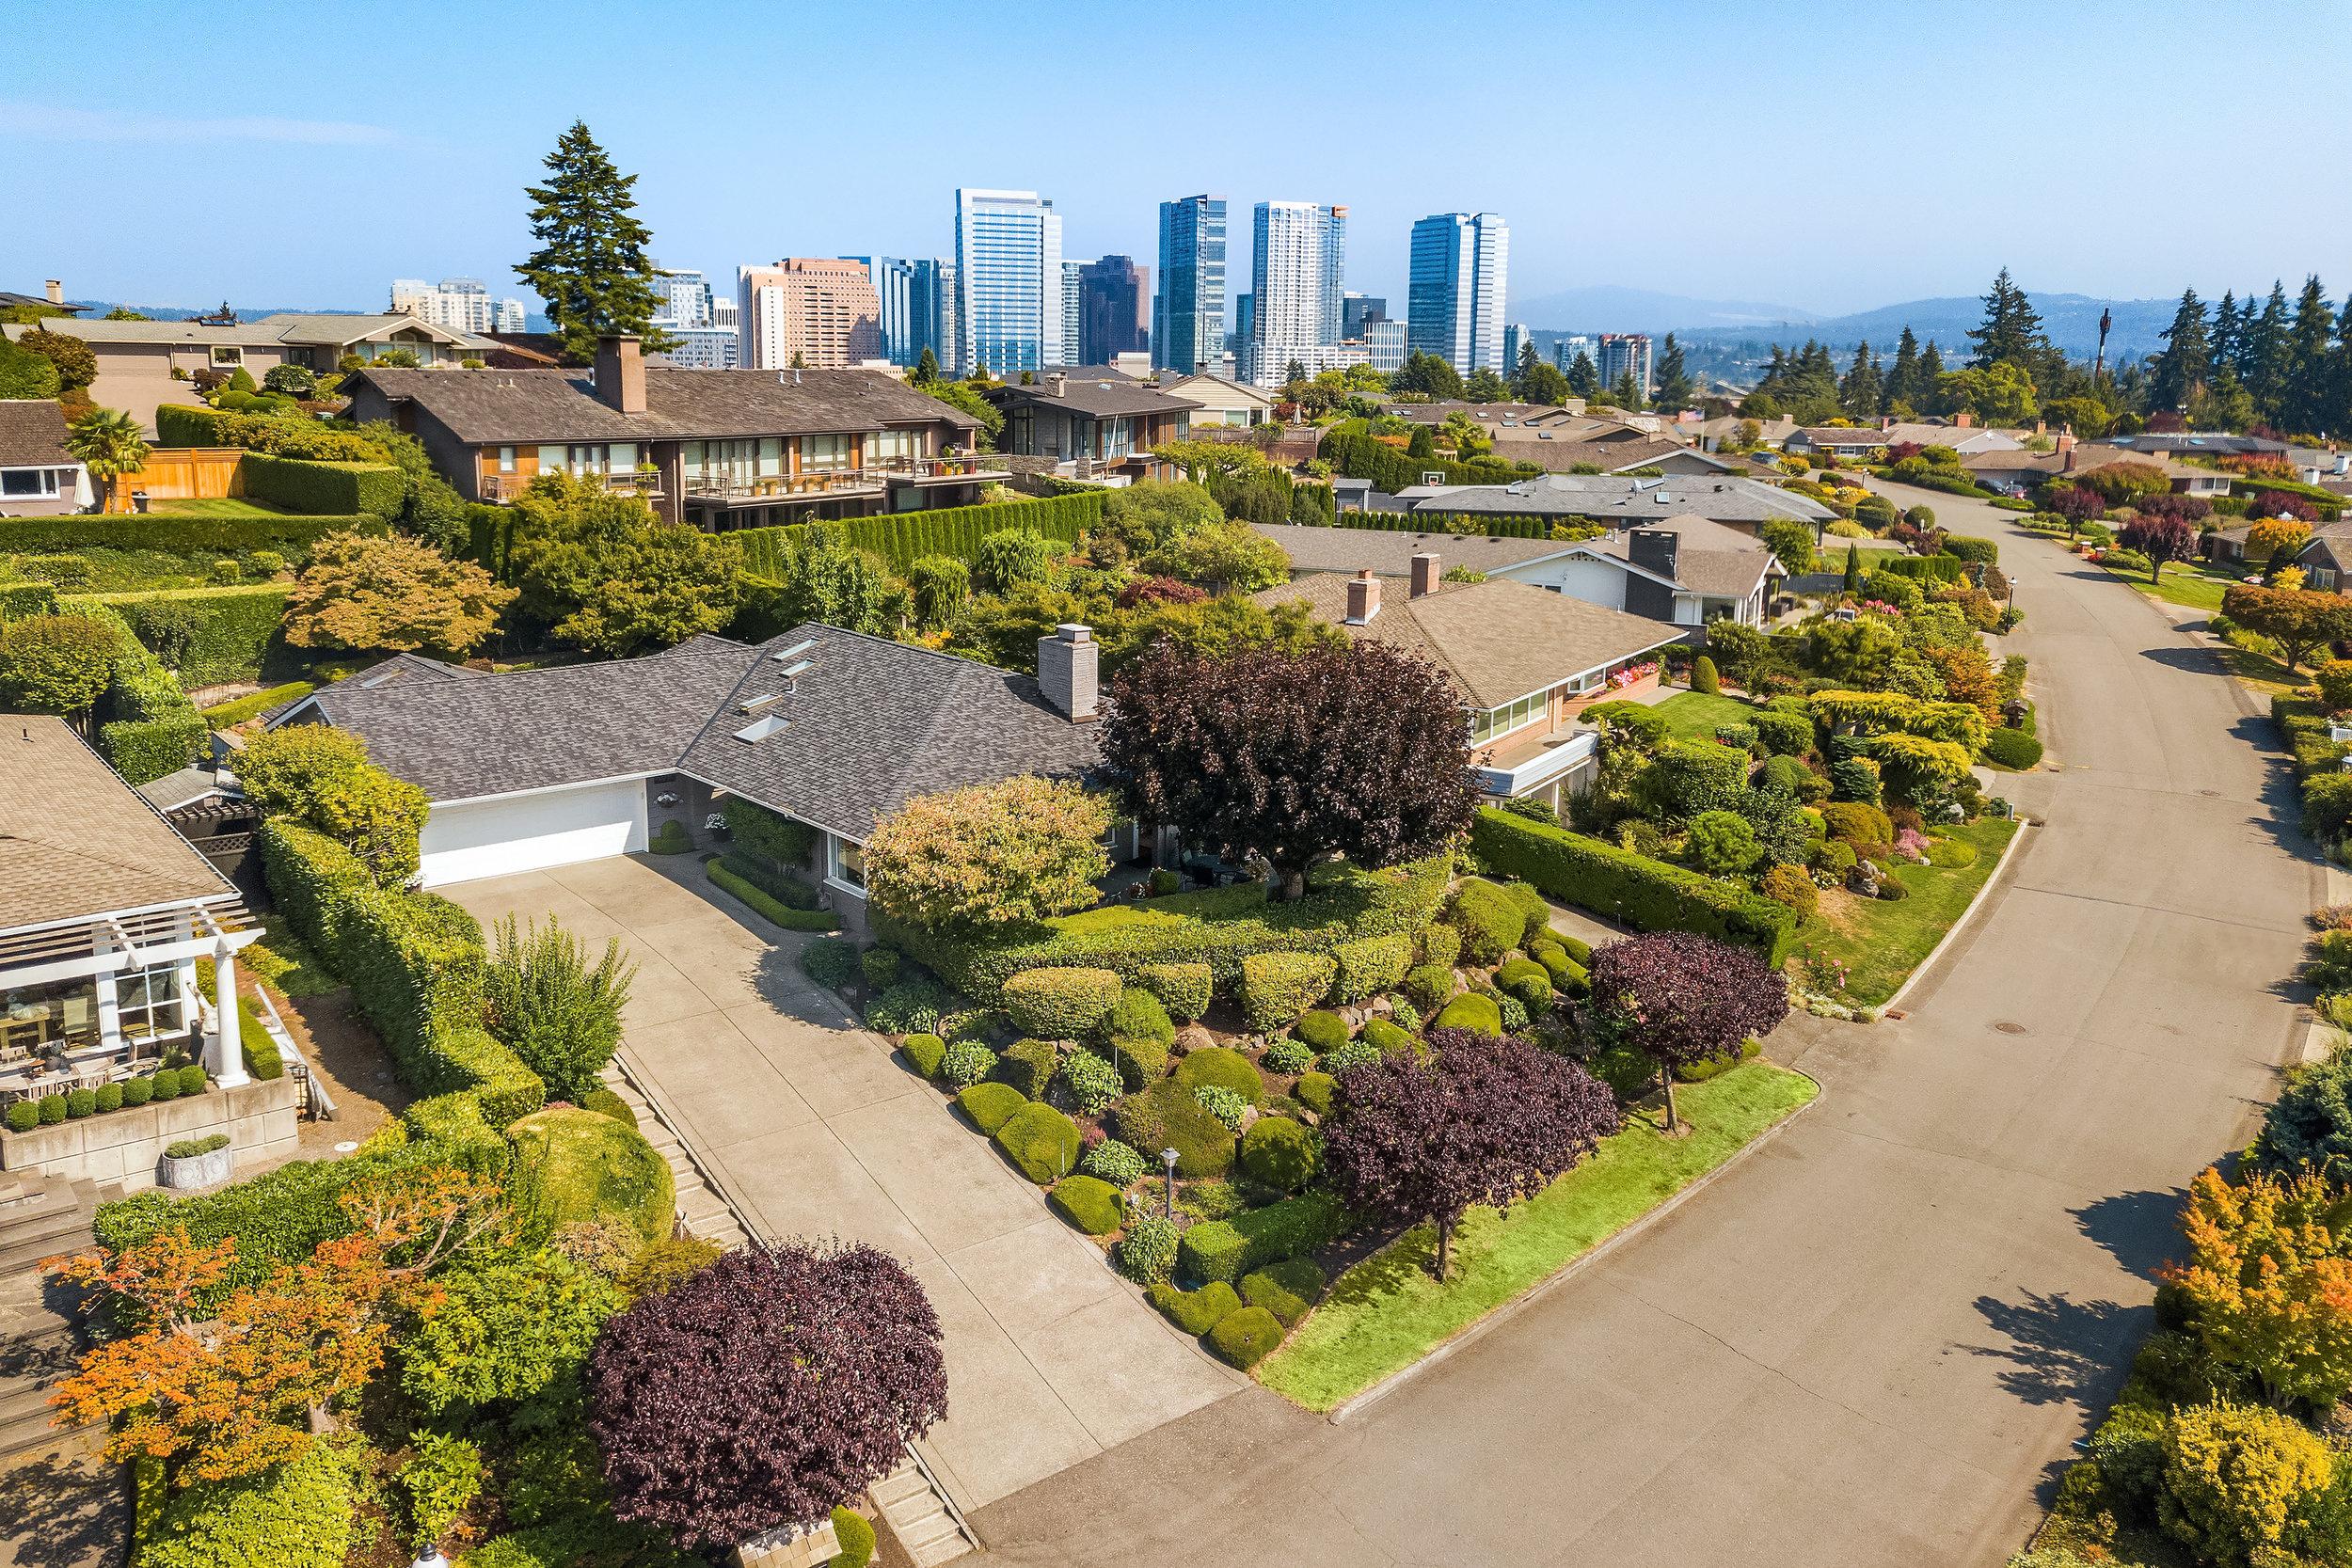 $2,900,000   9406 Vineyard Crest, Bellevue